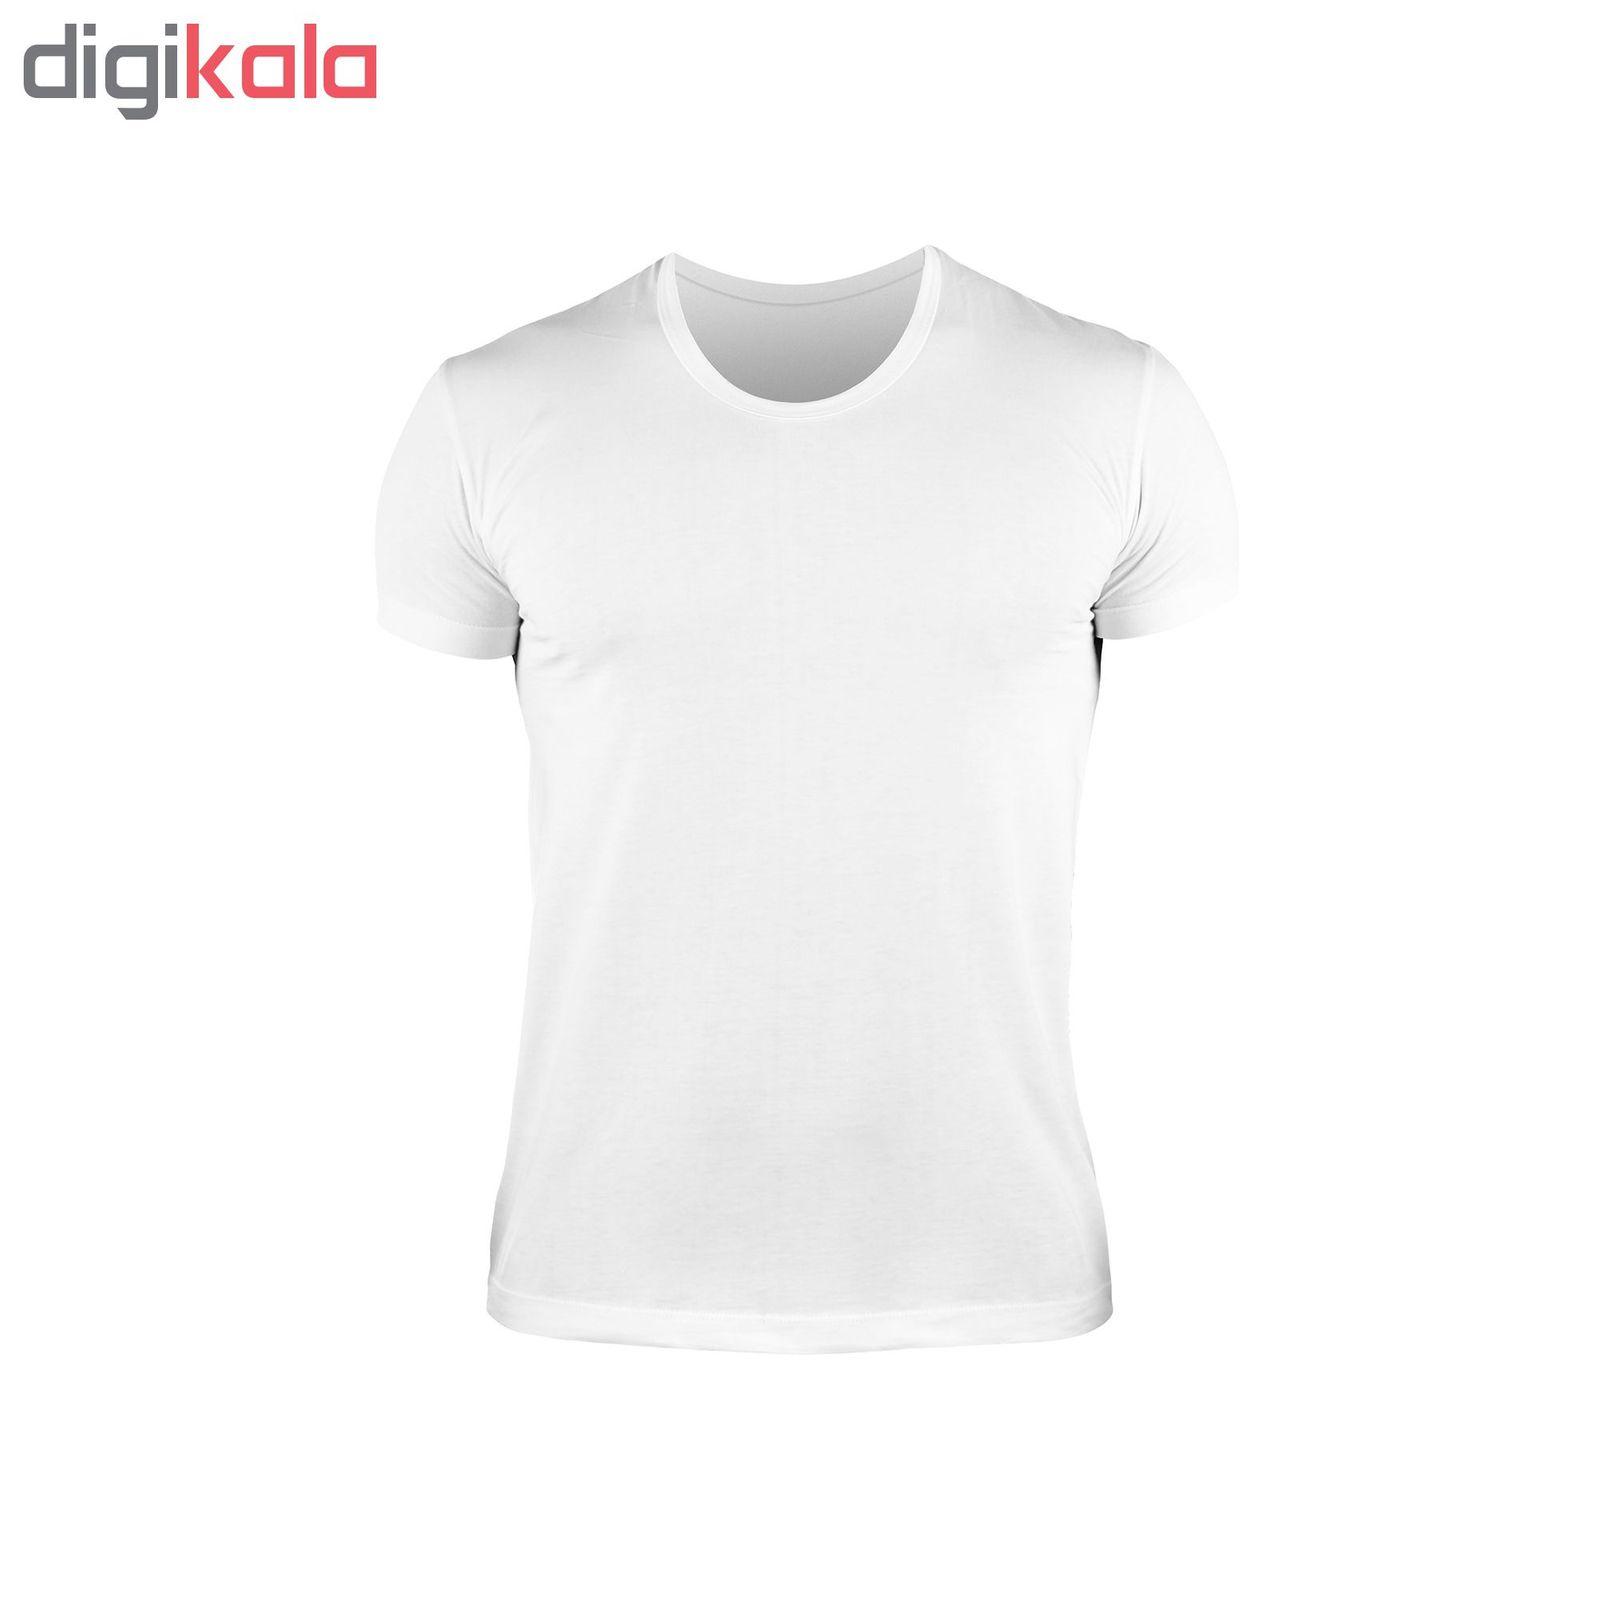 زیرپوش مردانه کیان تن پوش مدل U Neck Shirt Classic W مجموعه 6 عددی main 1 2